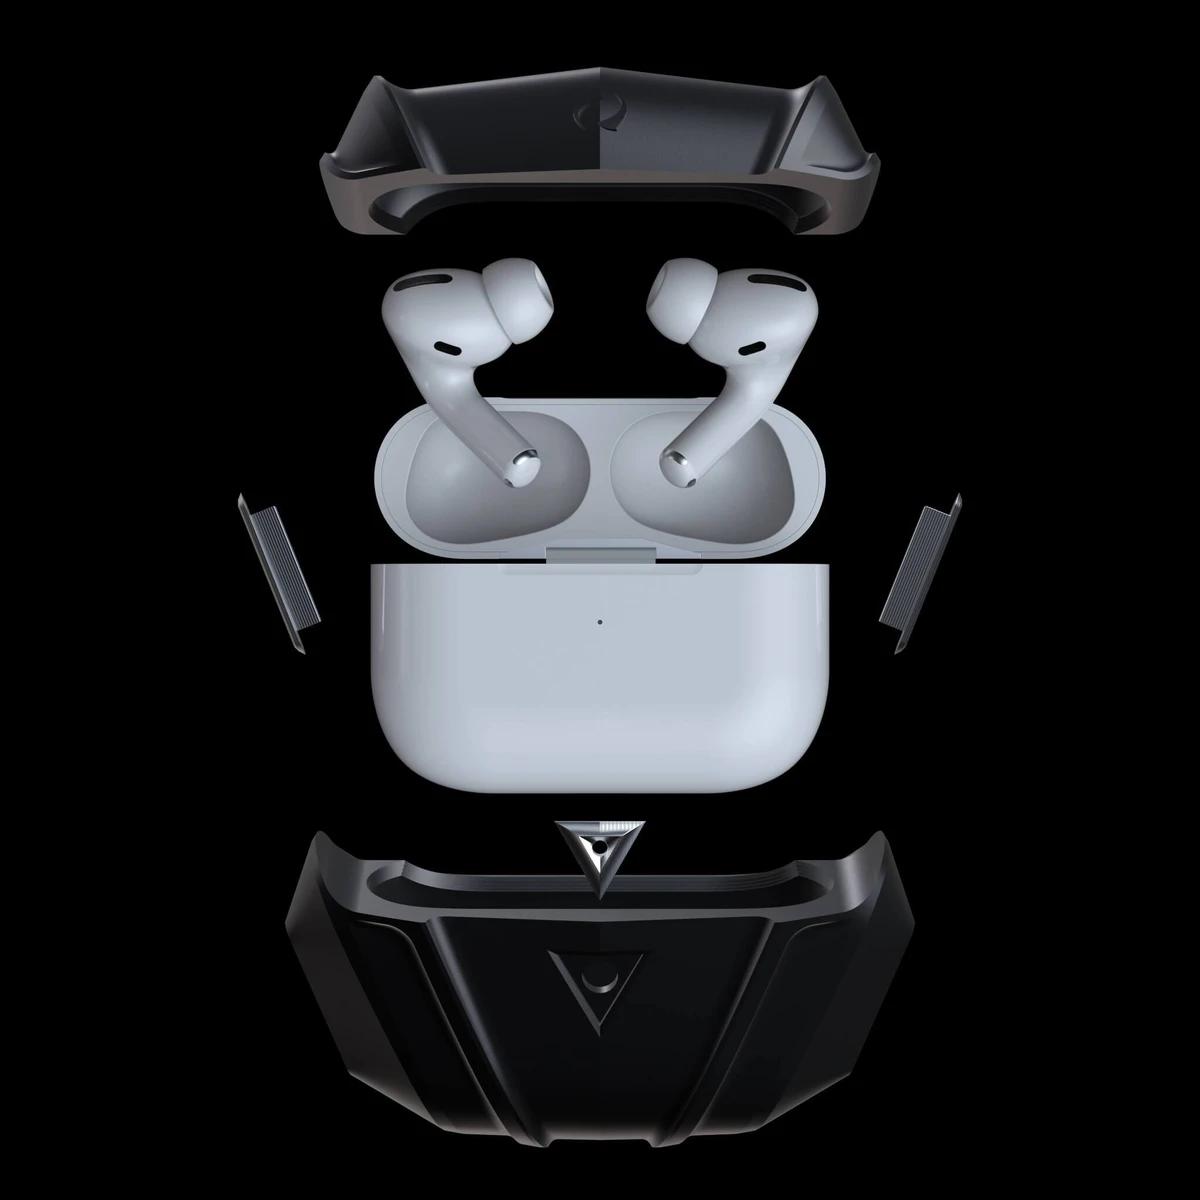 raptor luxury titanium metal airpods pro case